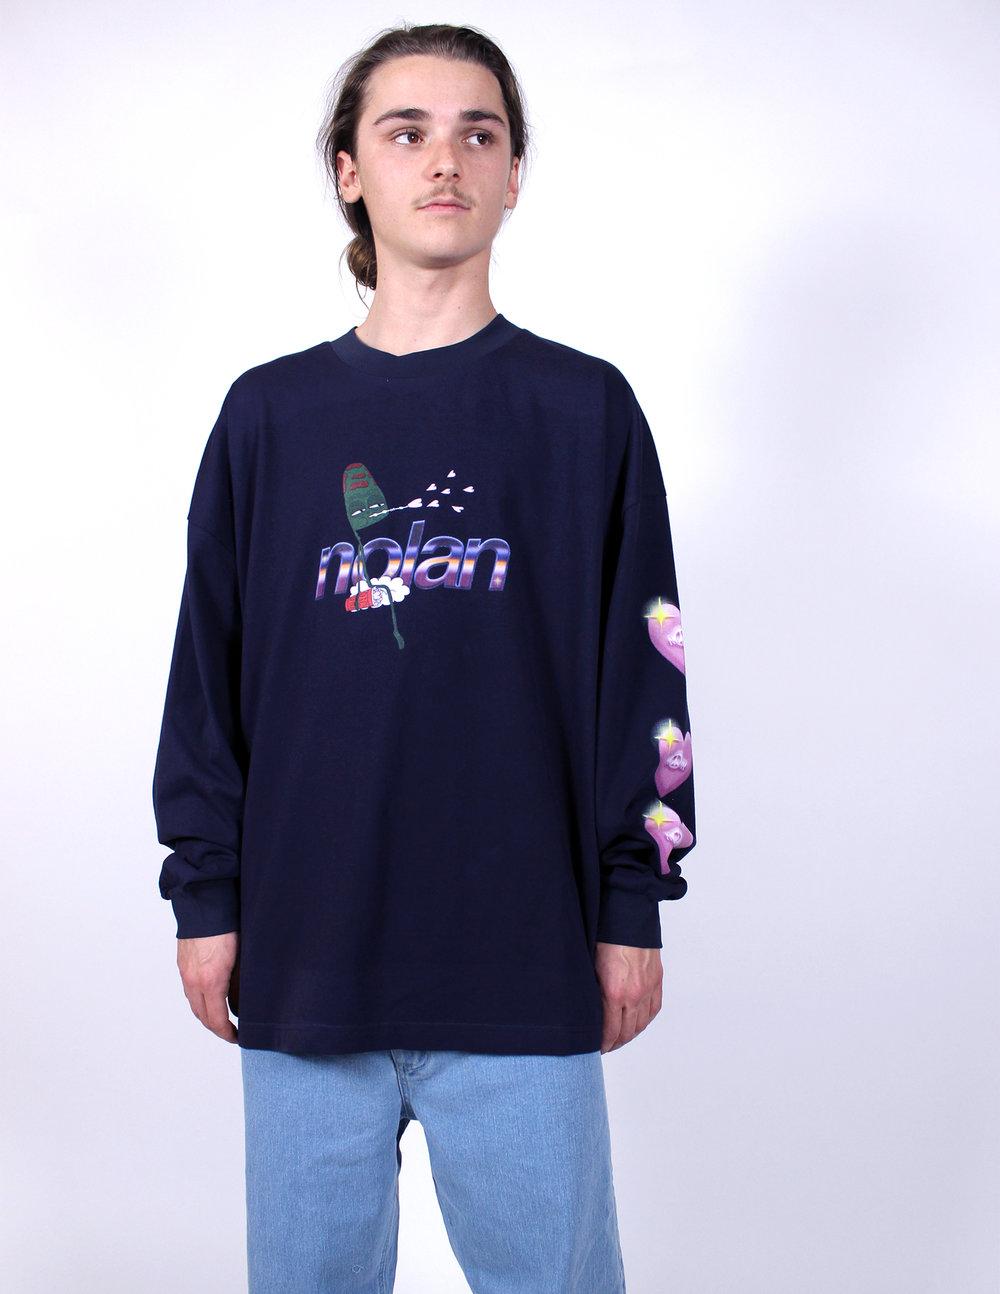 Kai Reynolds Shirt.jpg